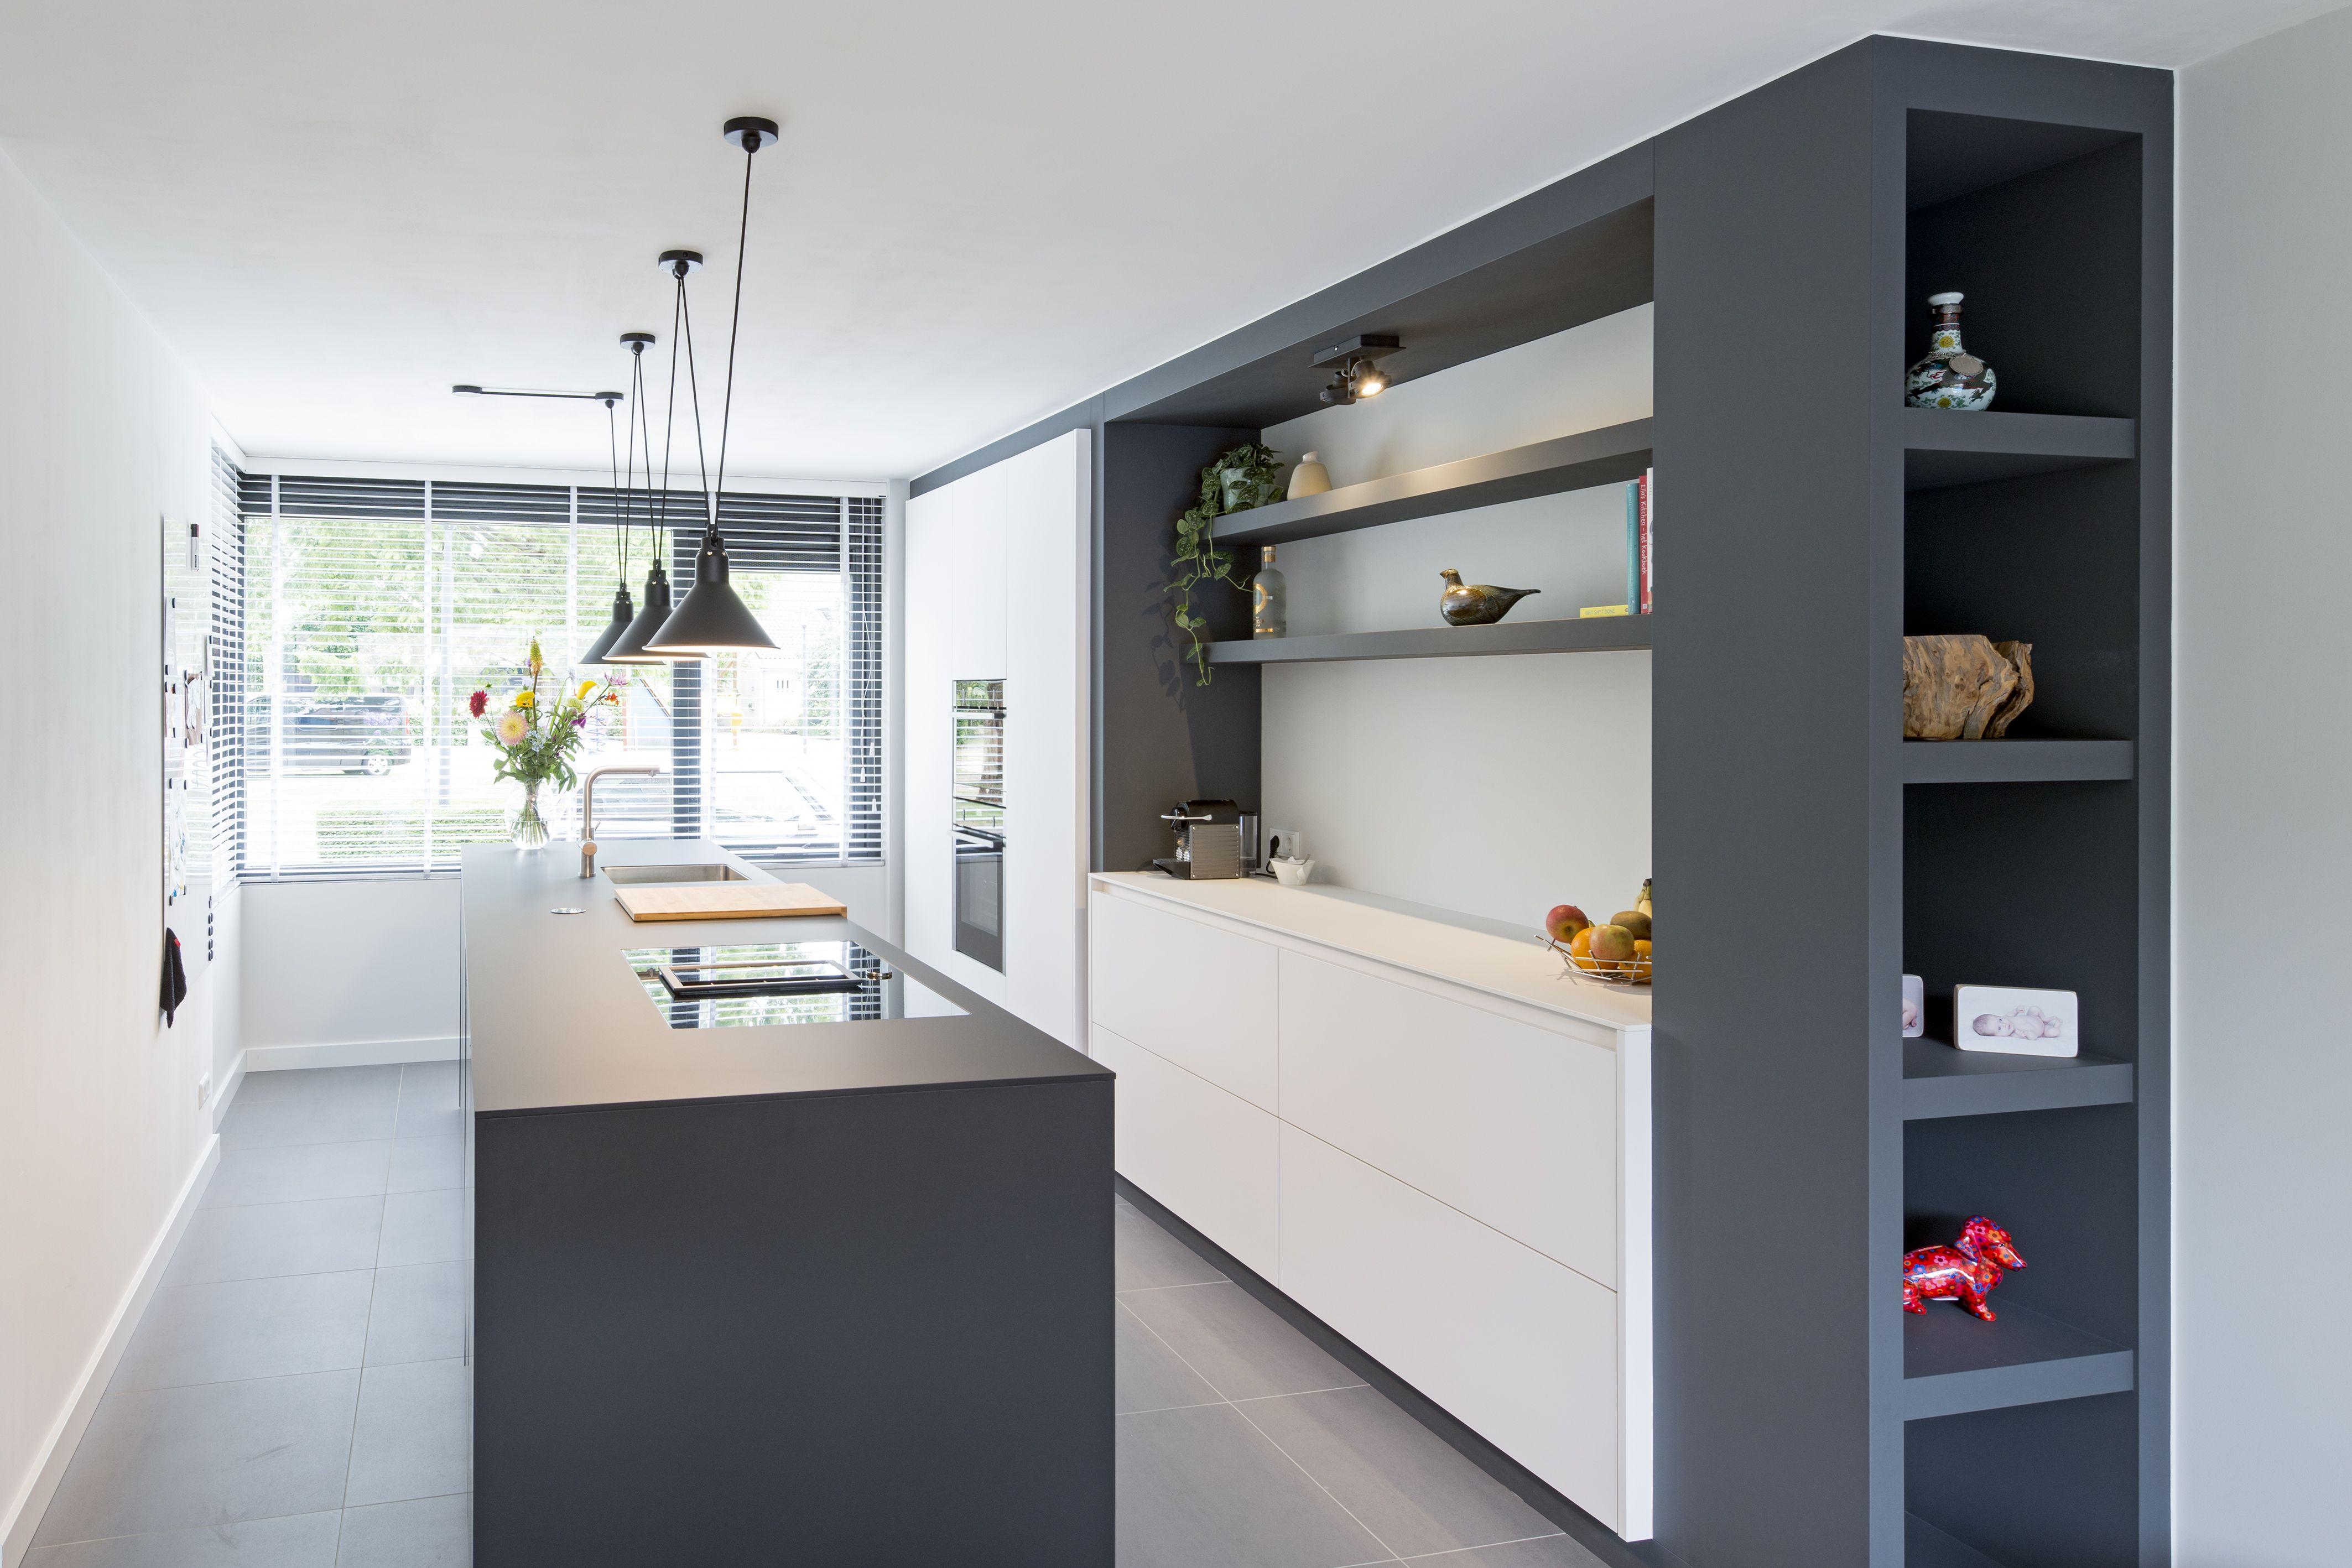 Moderne Zwarte Keuken : Moderne keuken zwarte keuken fenix feniks design keuken